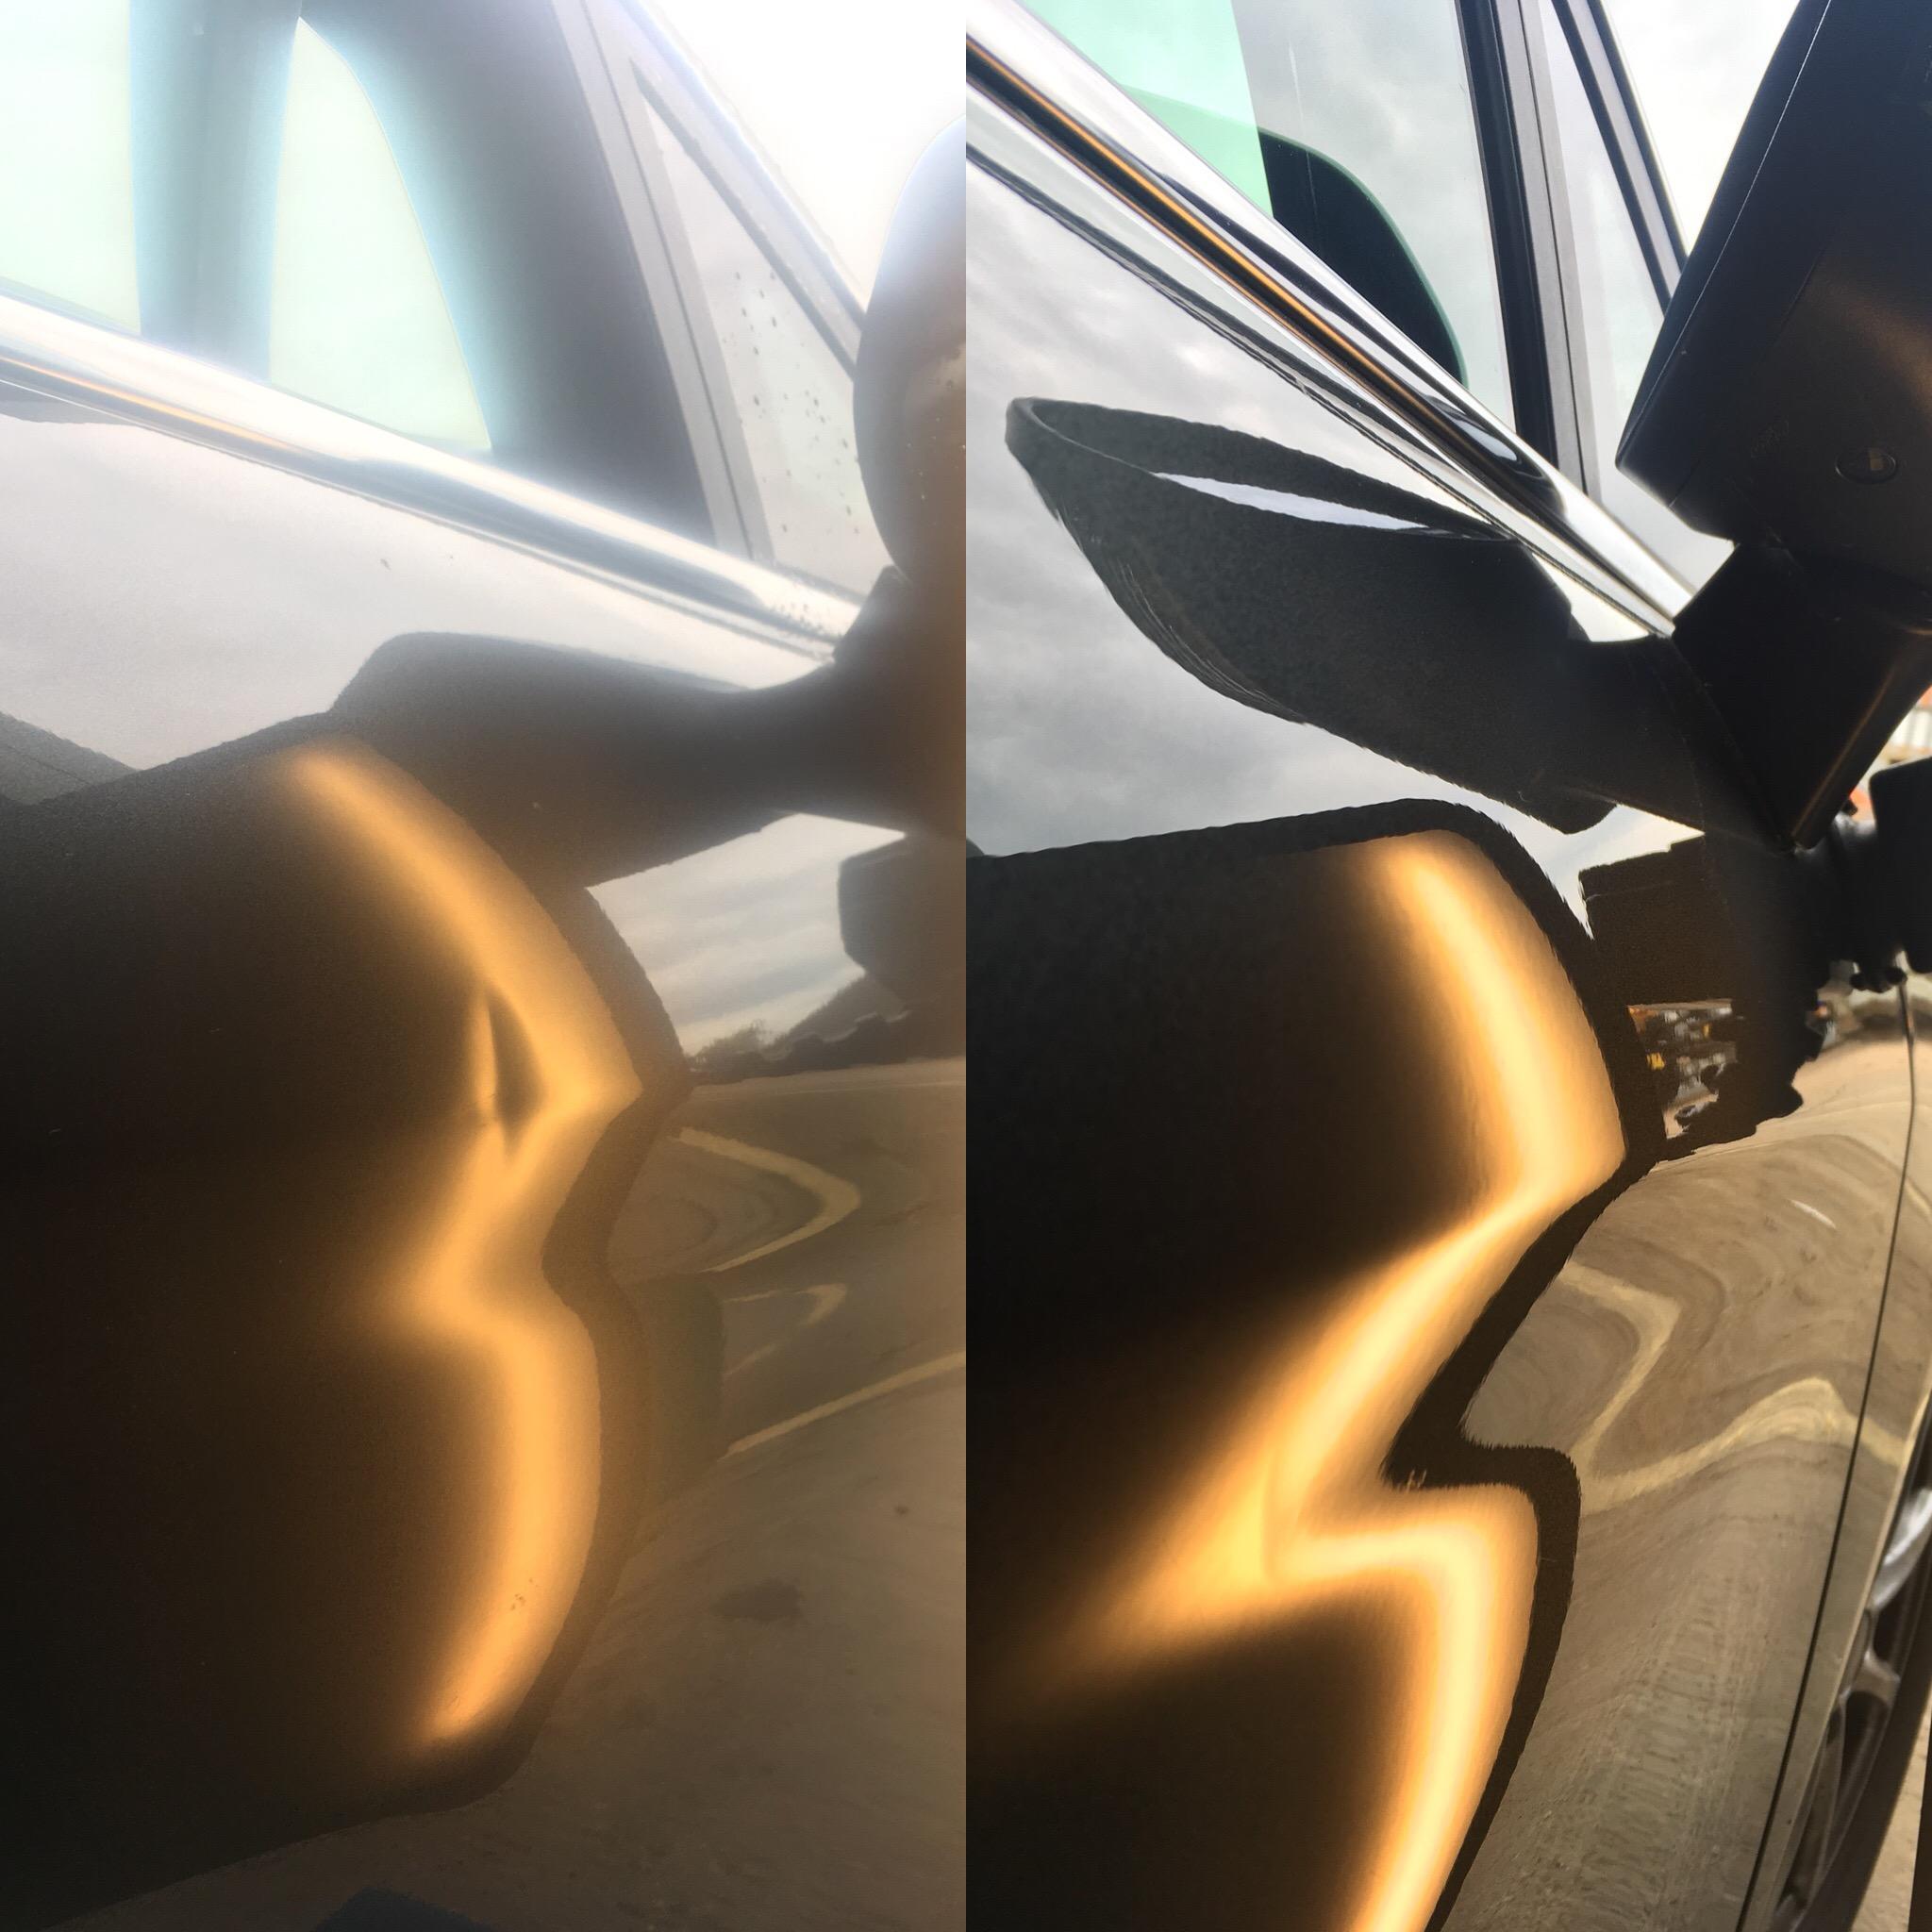 ford fiesta door repair